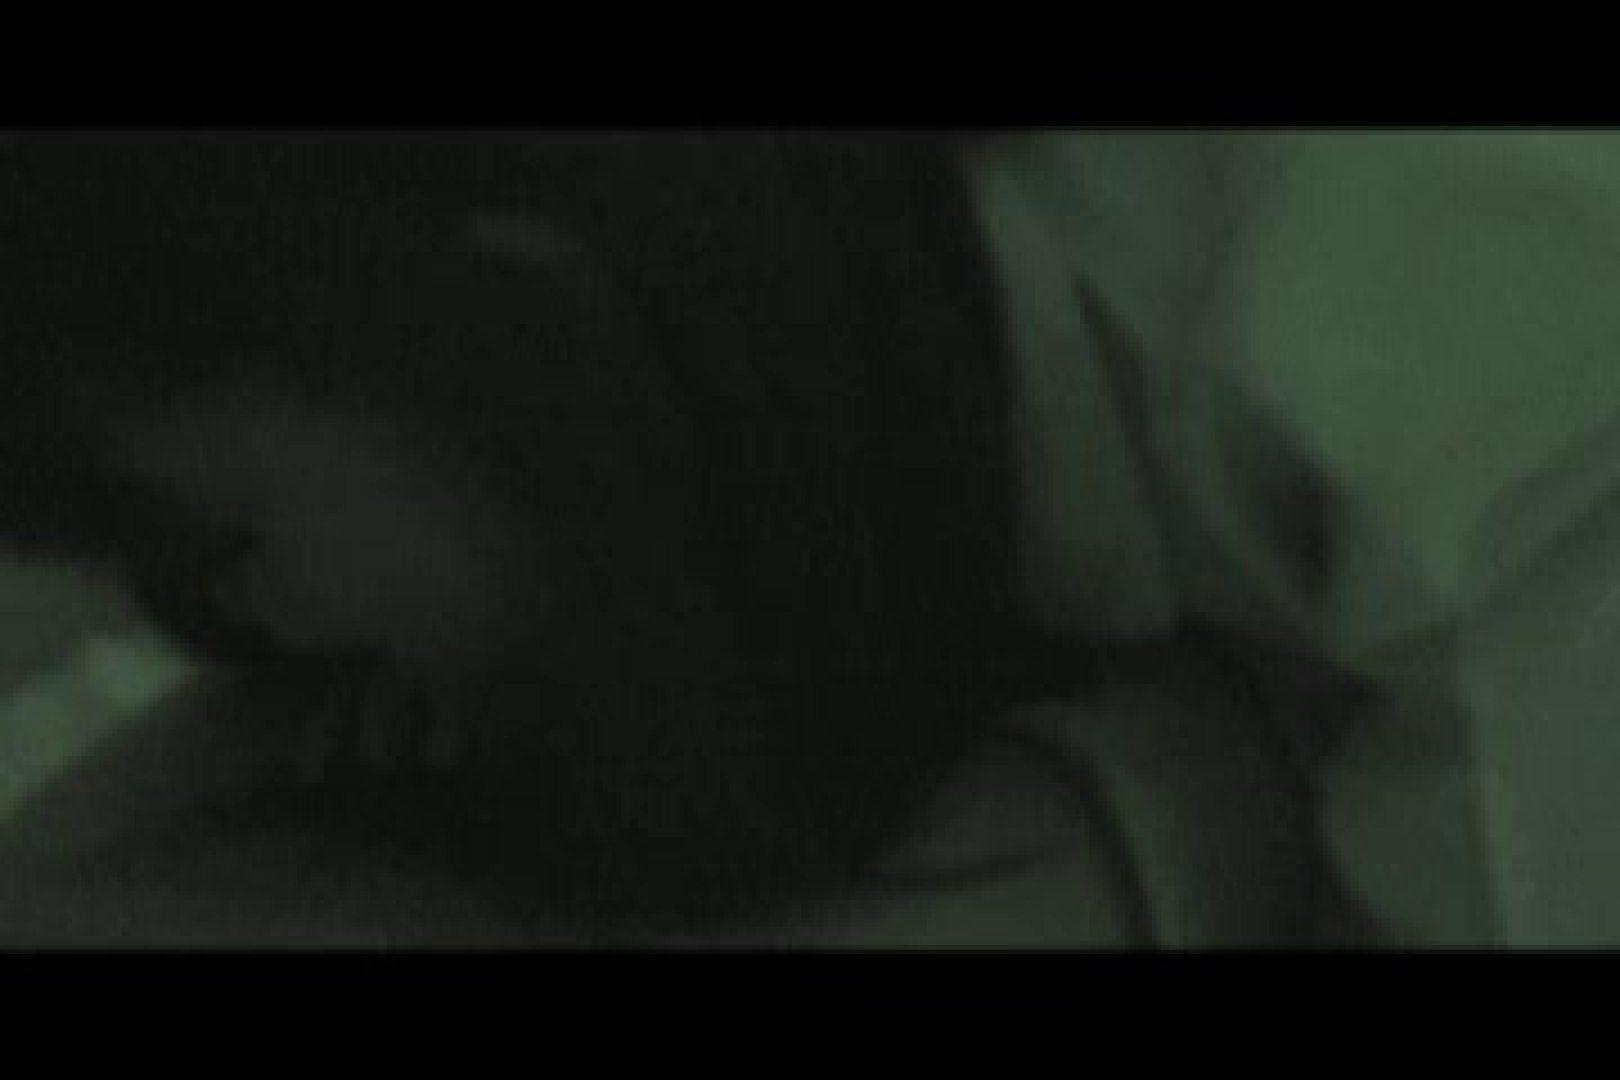 ヤリマンと呼ばれた看護士さんvol3 卑猥 のぞき動画画像 41連発 8